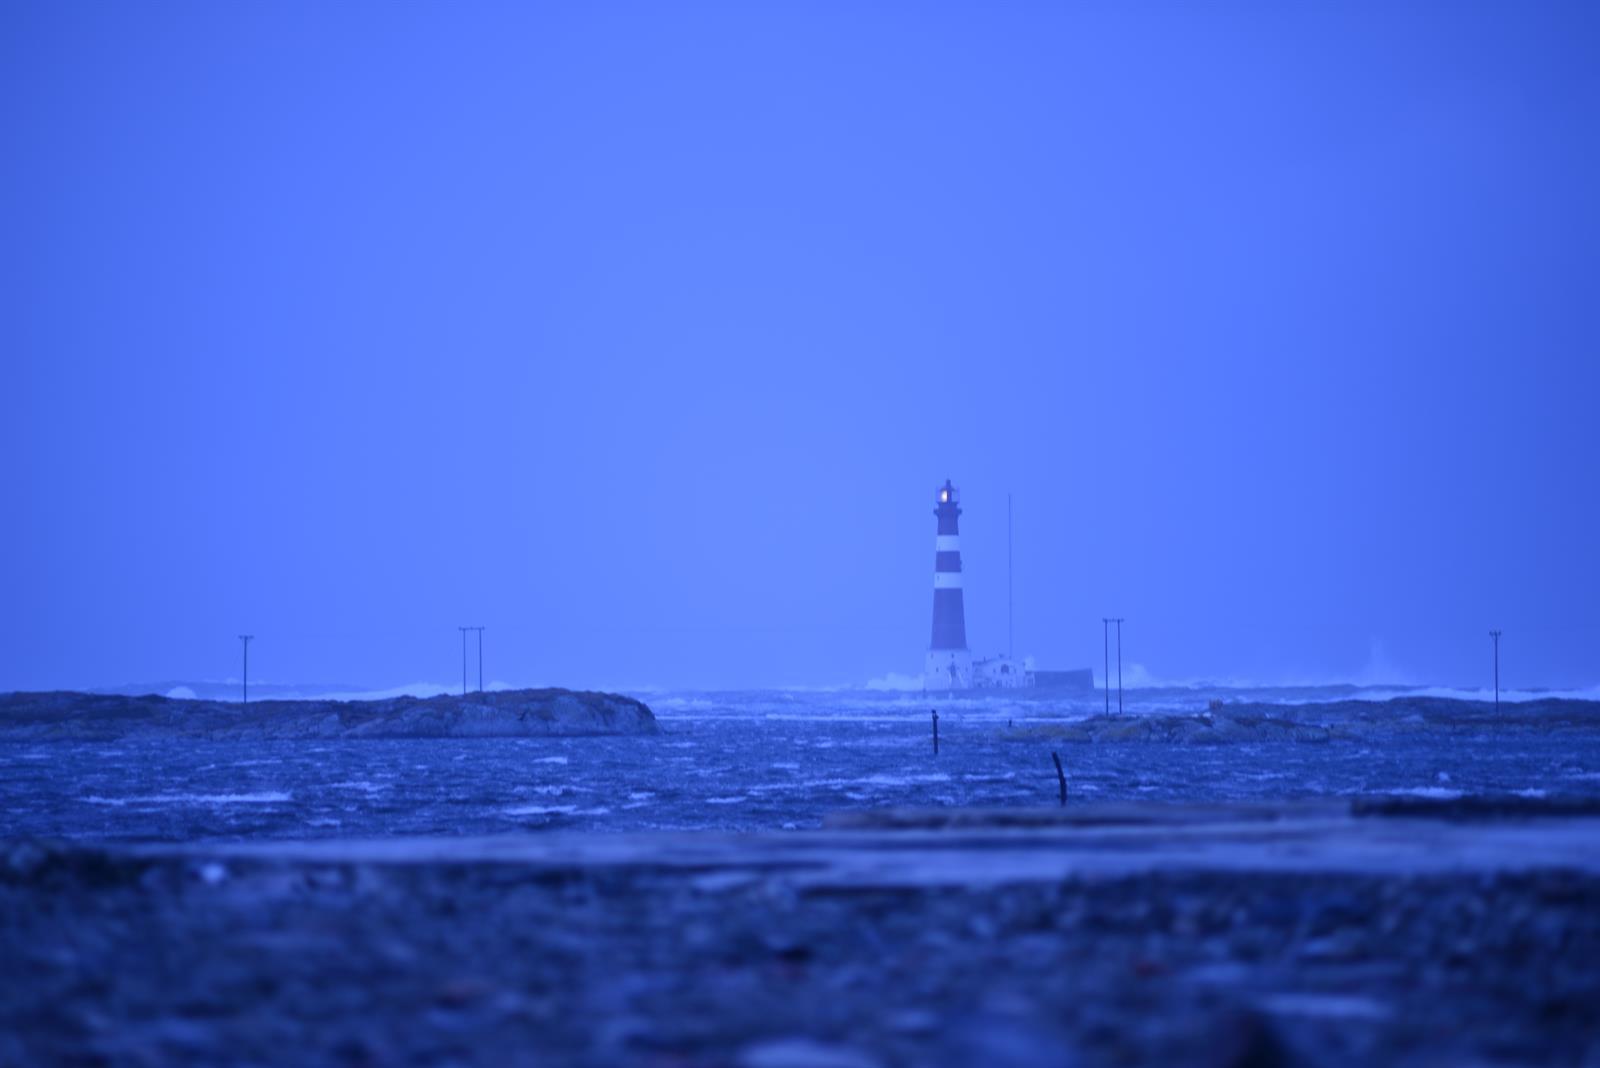 Sletringen lighthouse